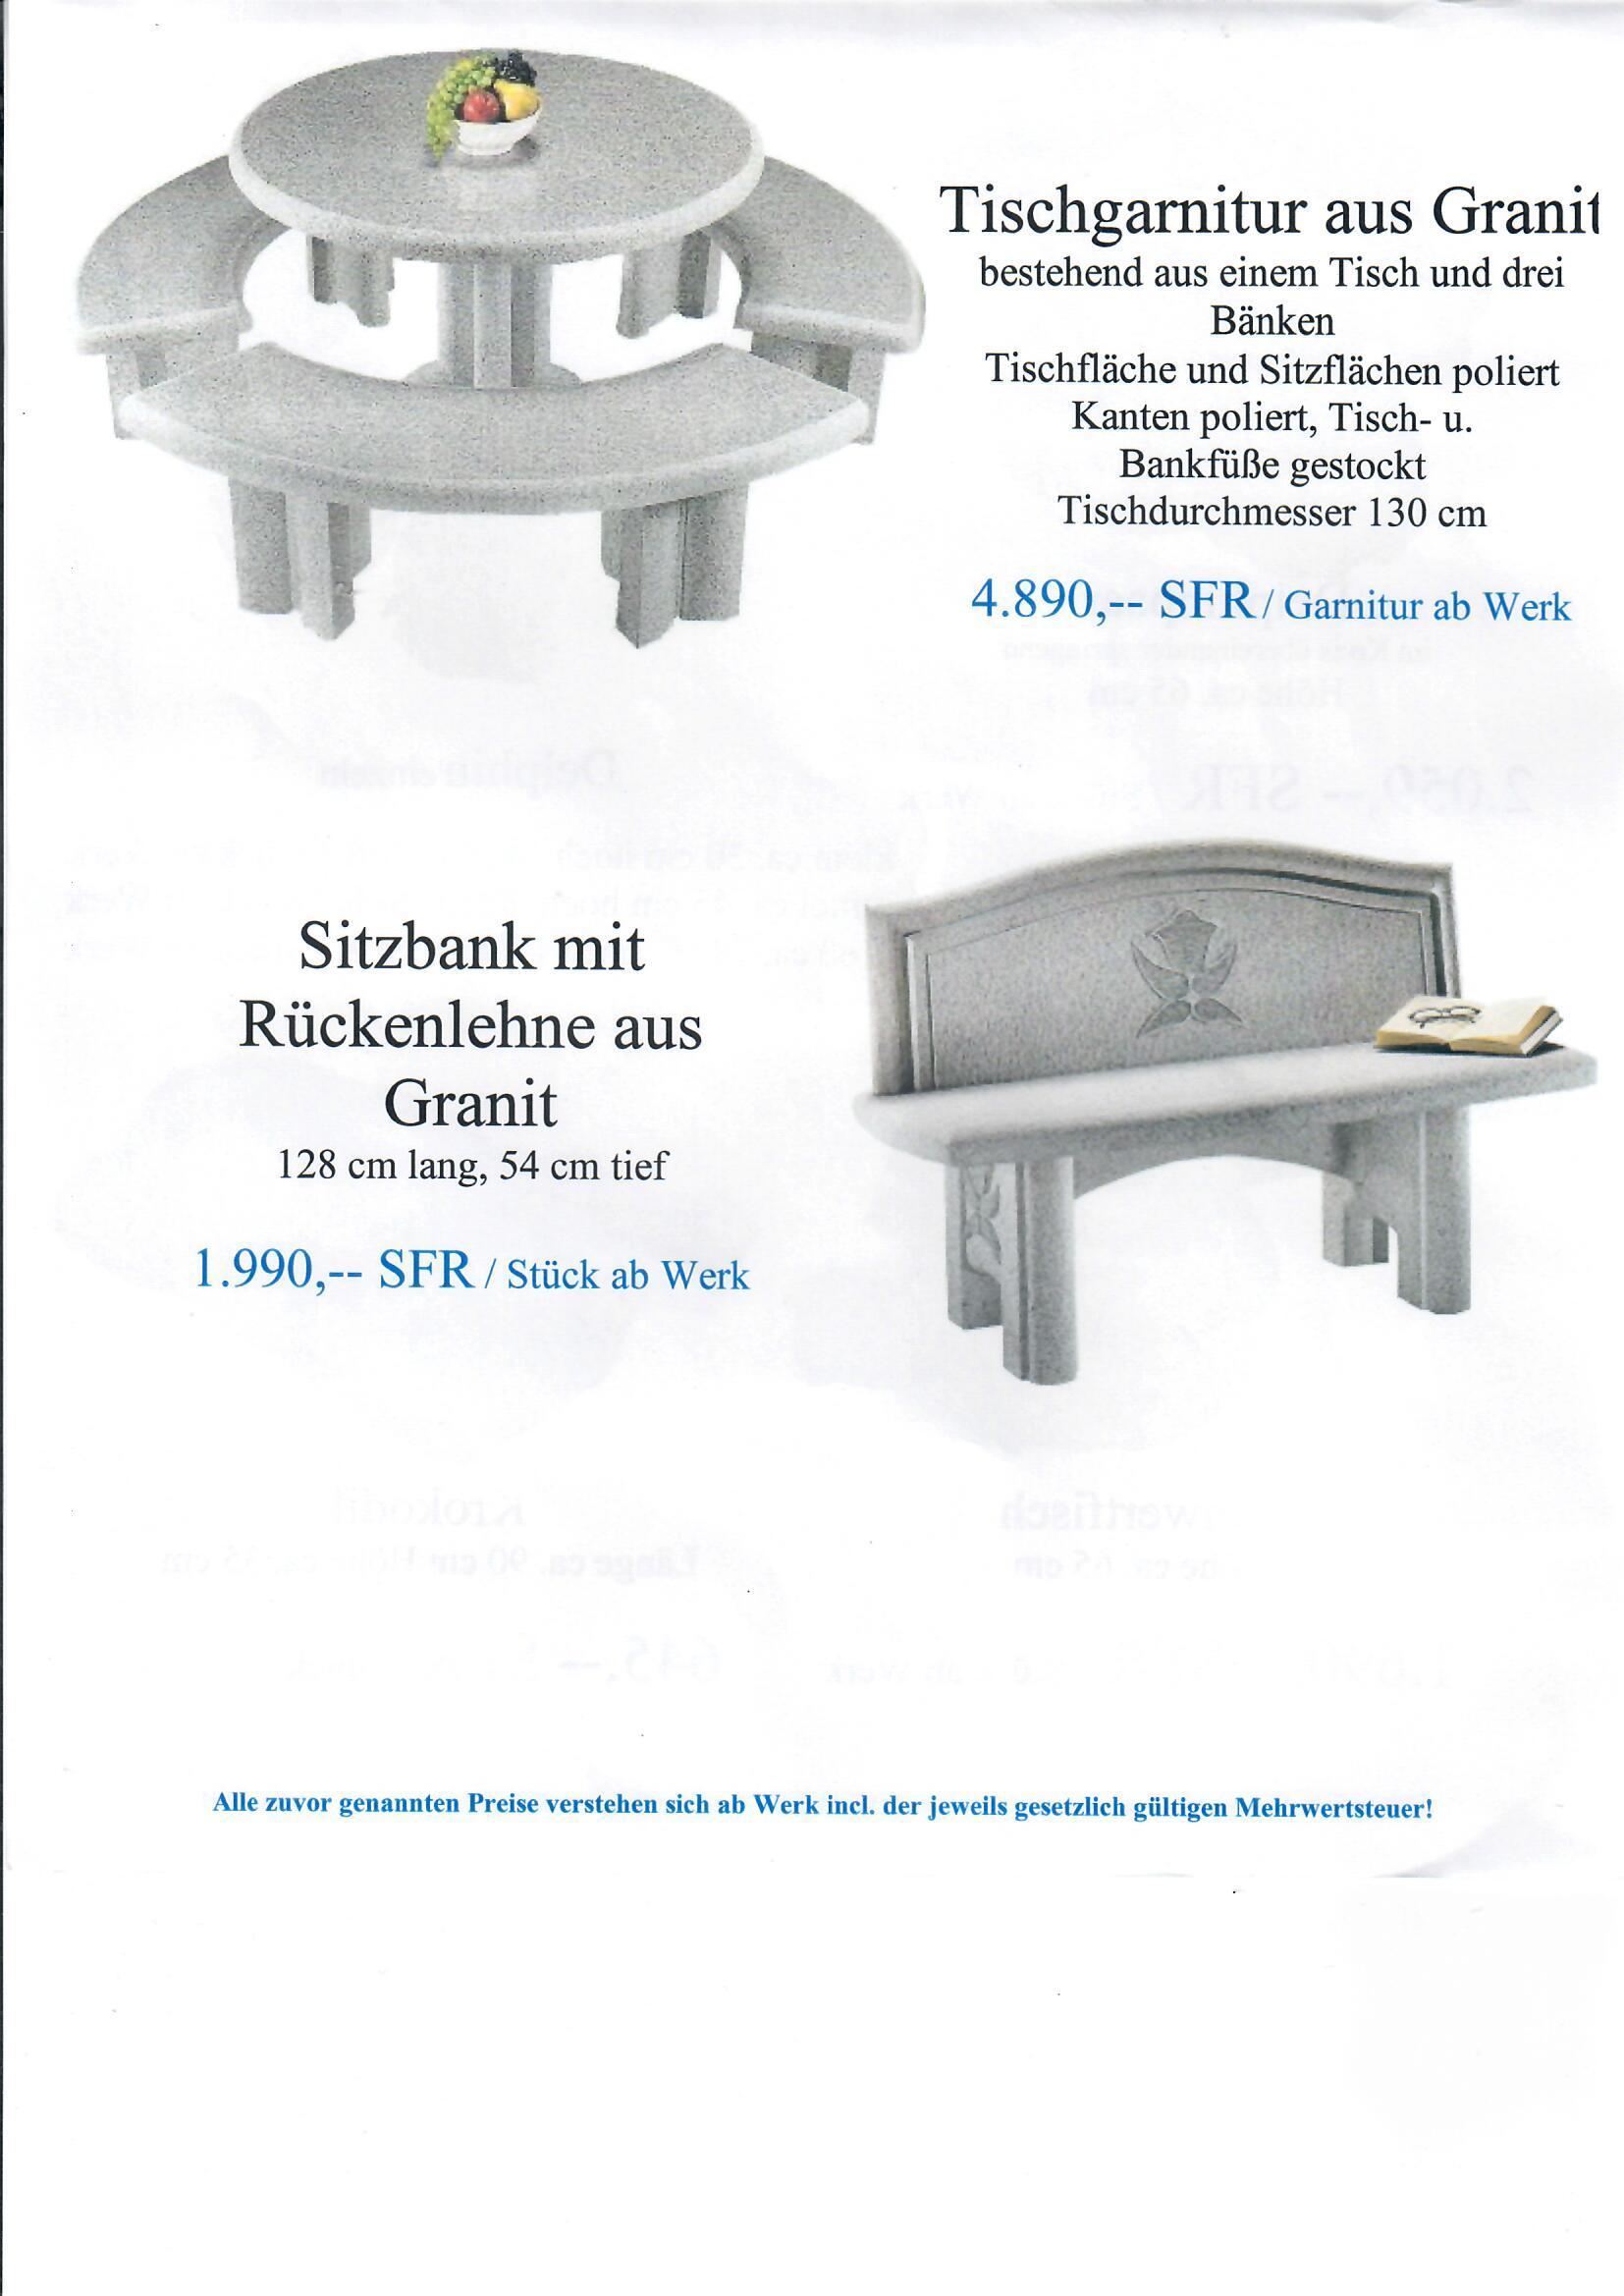 Granitbrunnen 1